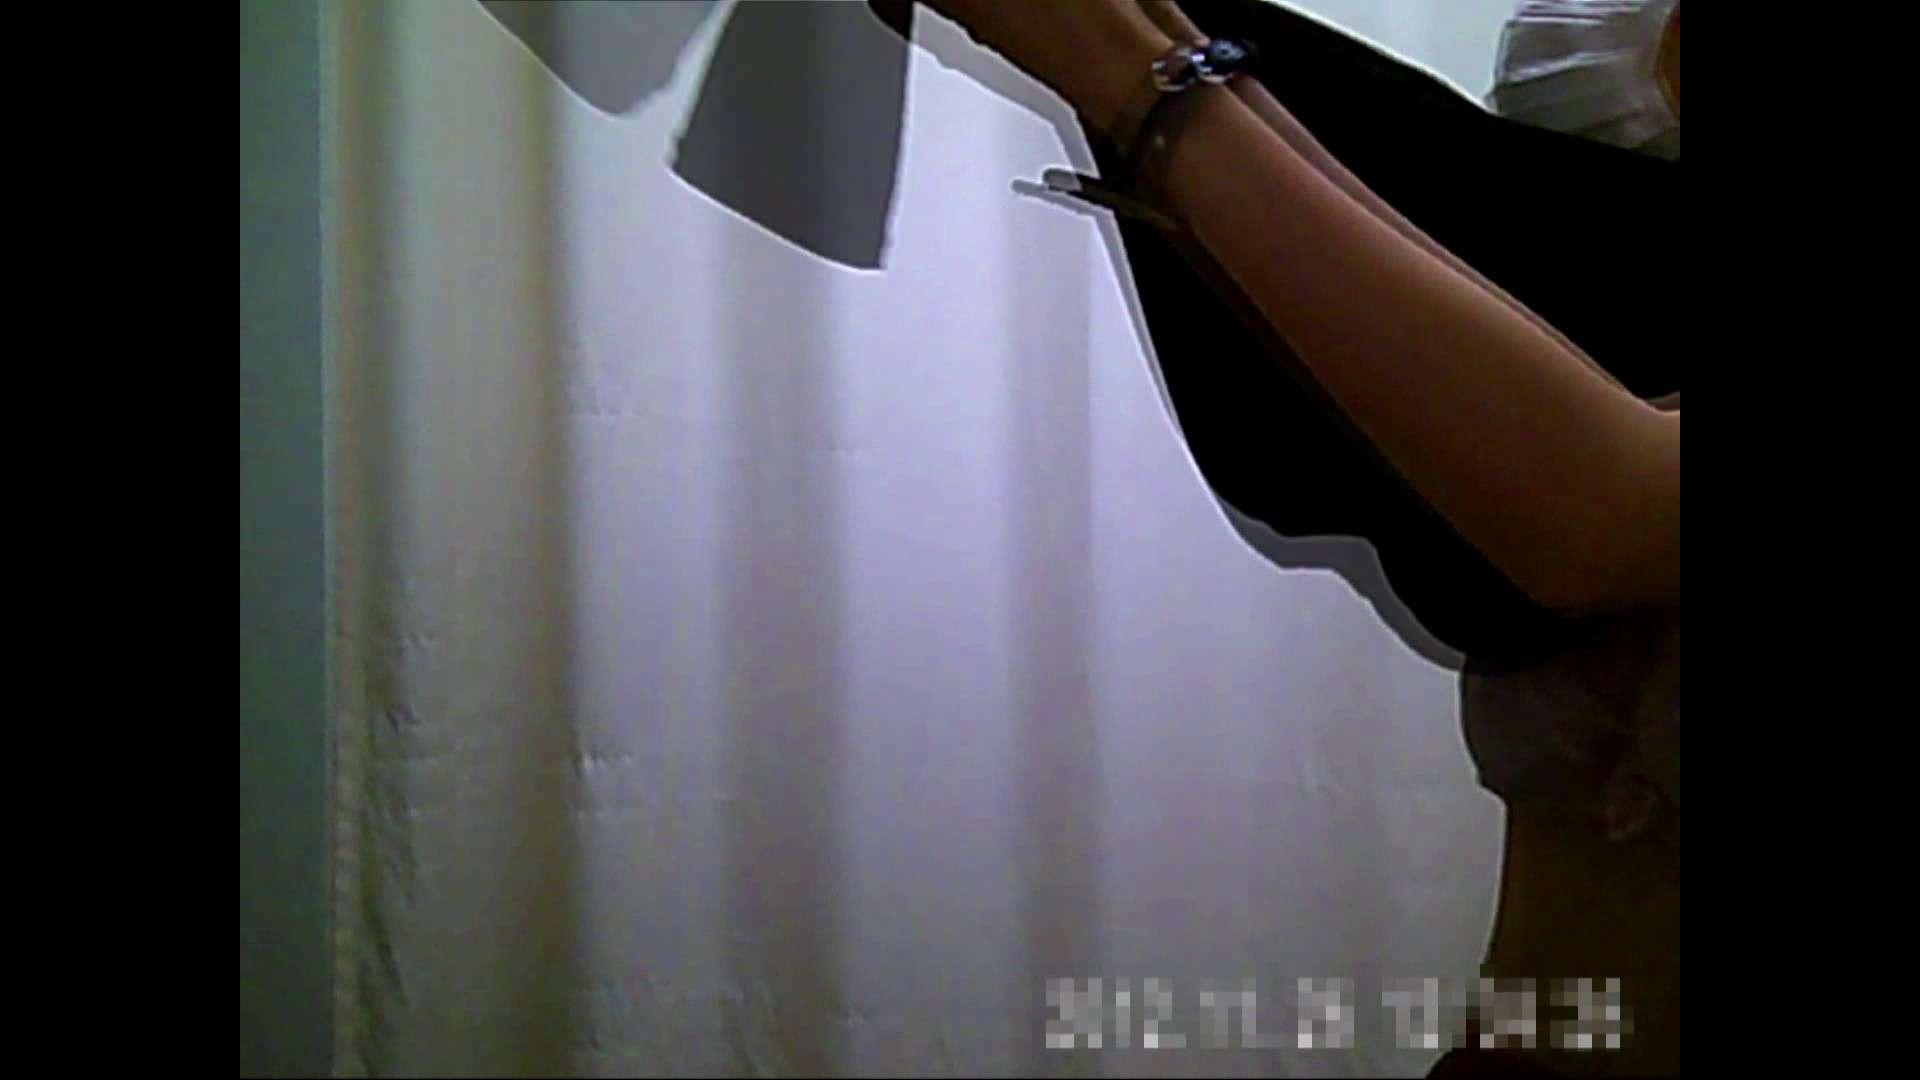 病院おもいっきり着替え! vol.159 着替え 盗撮オマンコ無修正動画無料 106画像 59